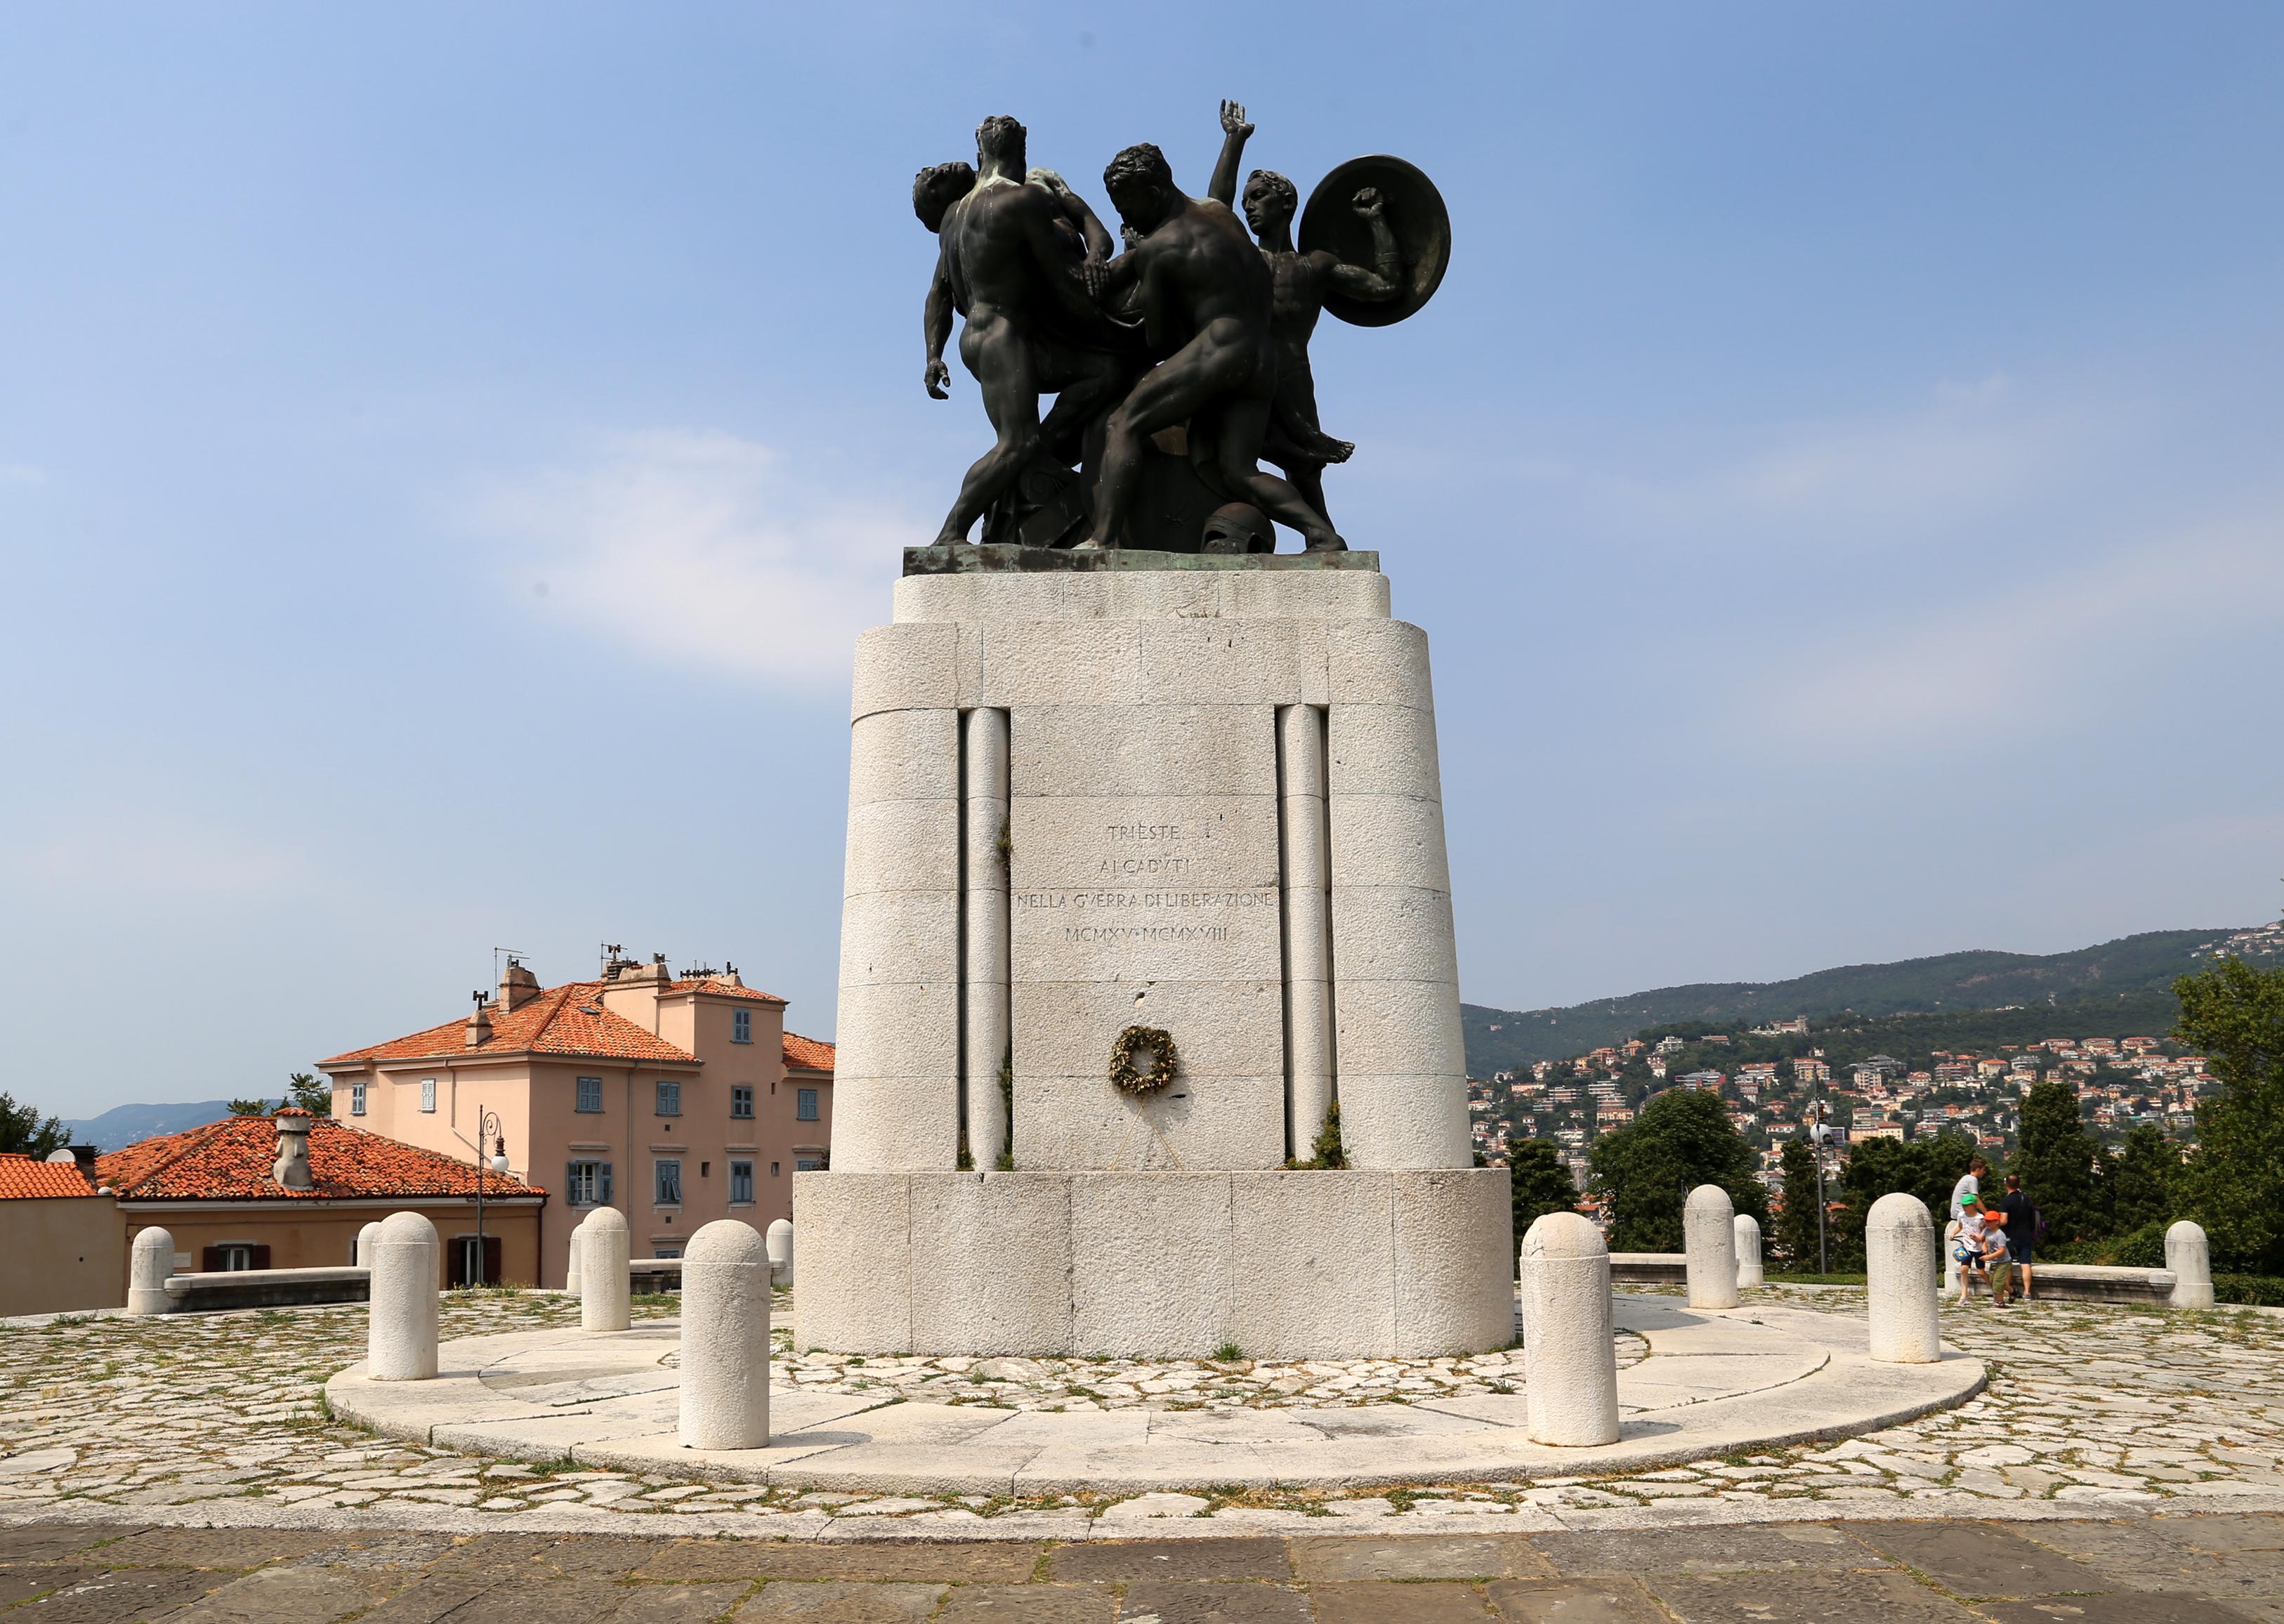 File:Attilio selva, monumento ai caduti di trieste, 06.jpg - Wikimedia Commons